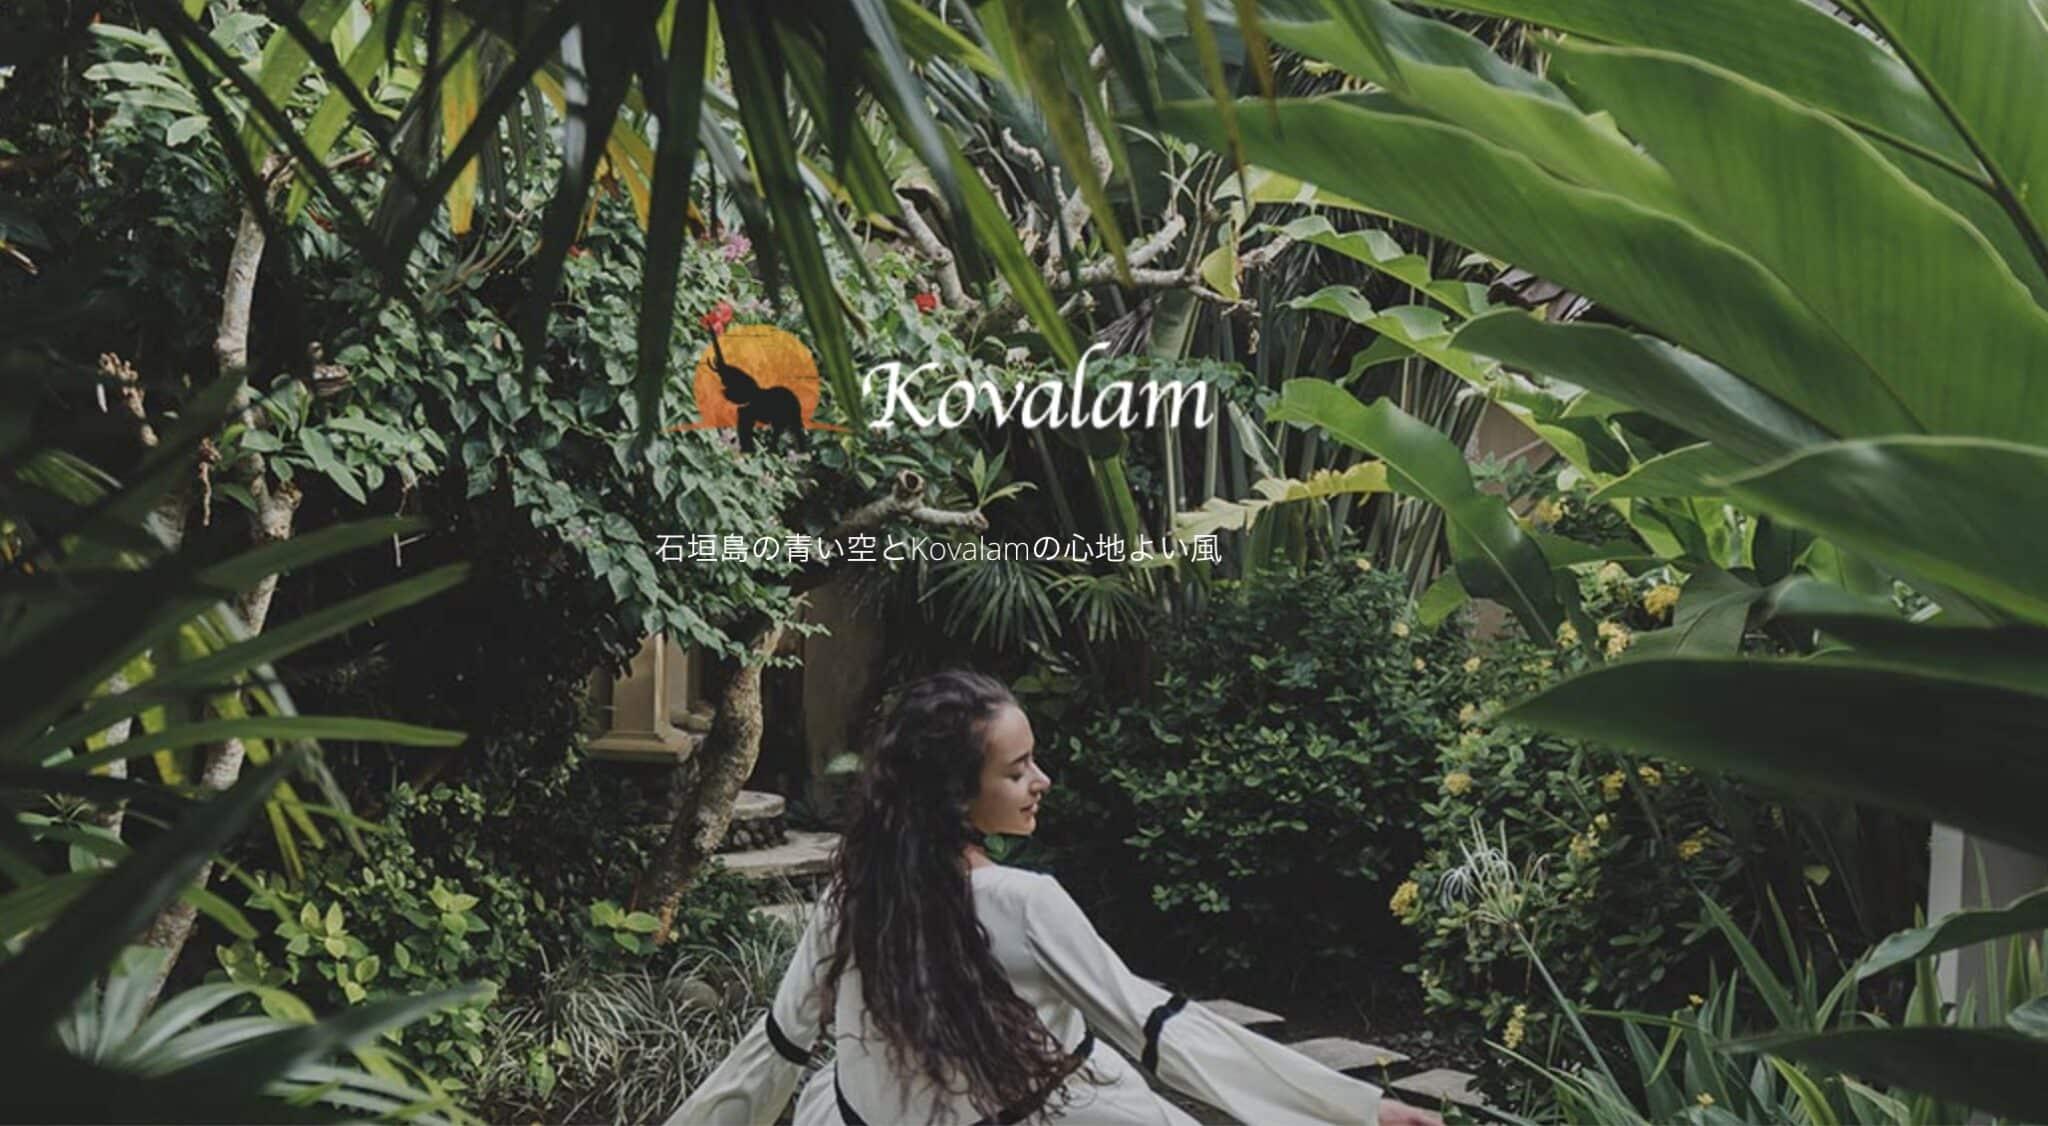 石垣島の隠れ家プライベートサロン Kovalam